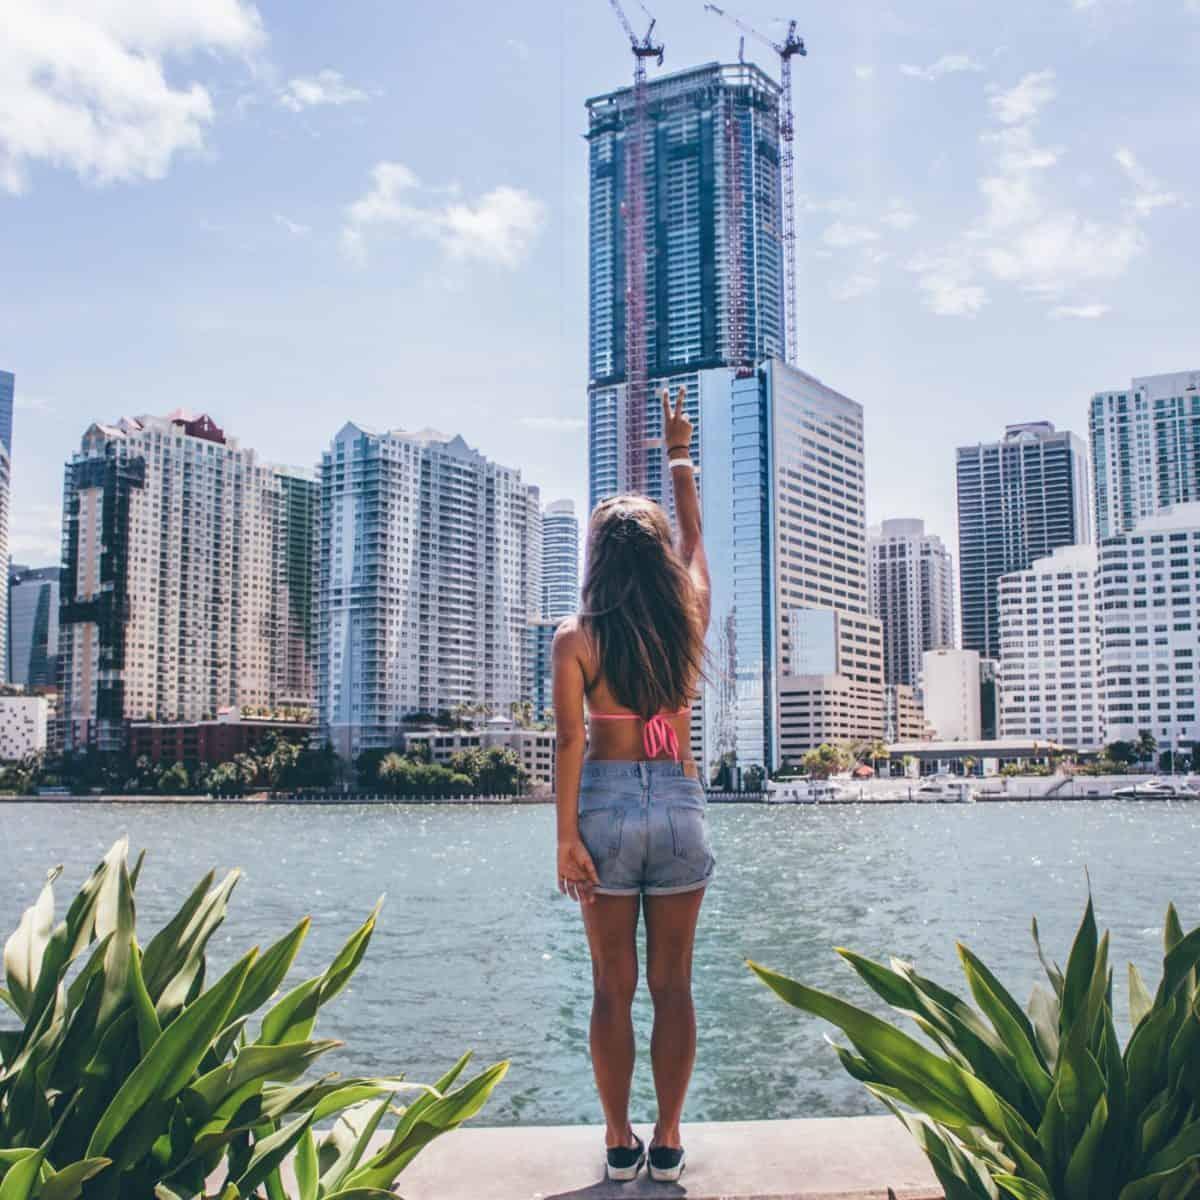 Miami Love T20 Vkx0Yp1 - Miami | 4 Días | Hoteles + Vuelos | Playa Y Vacunación | 2021